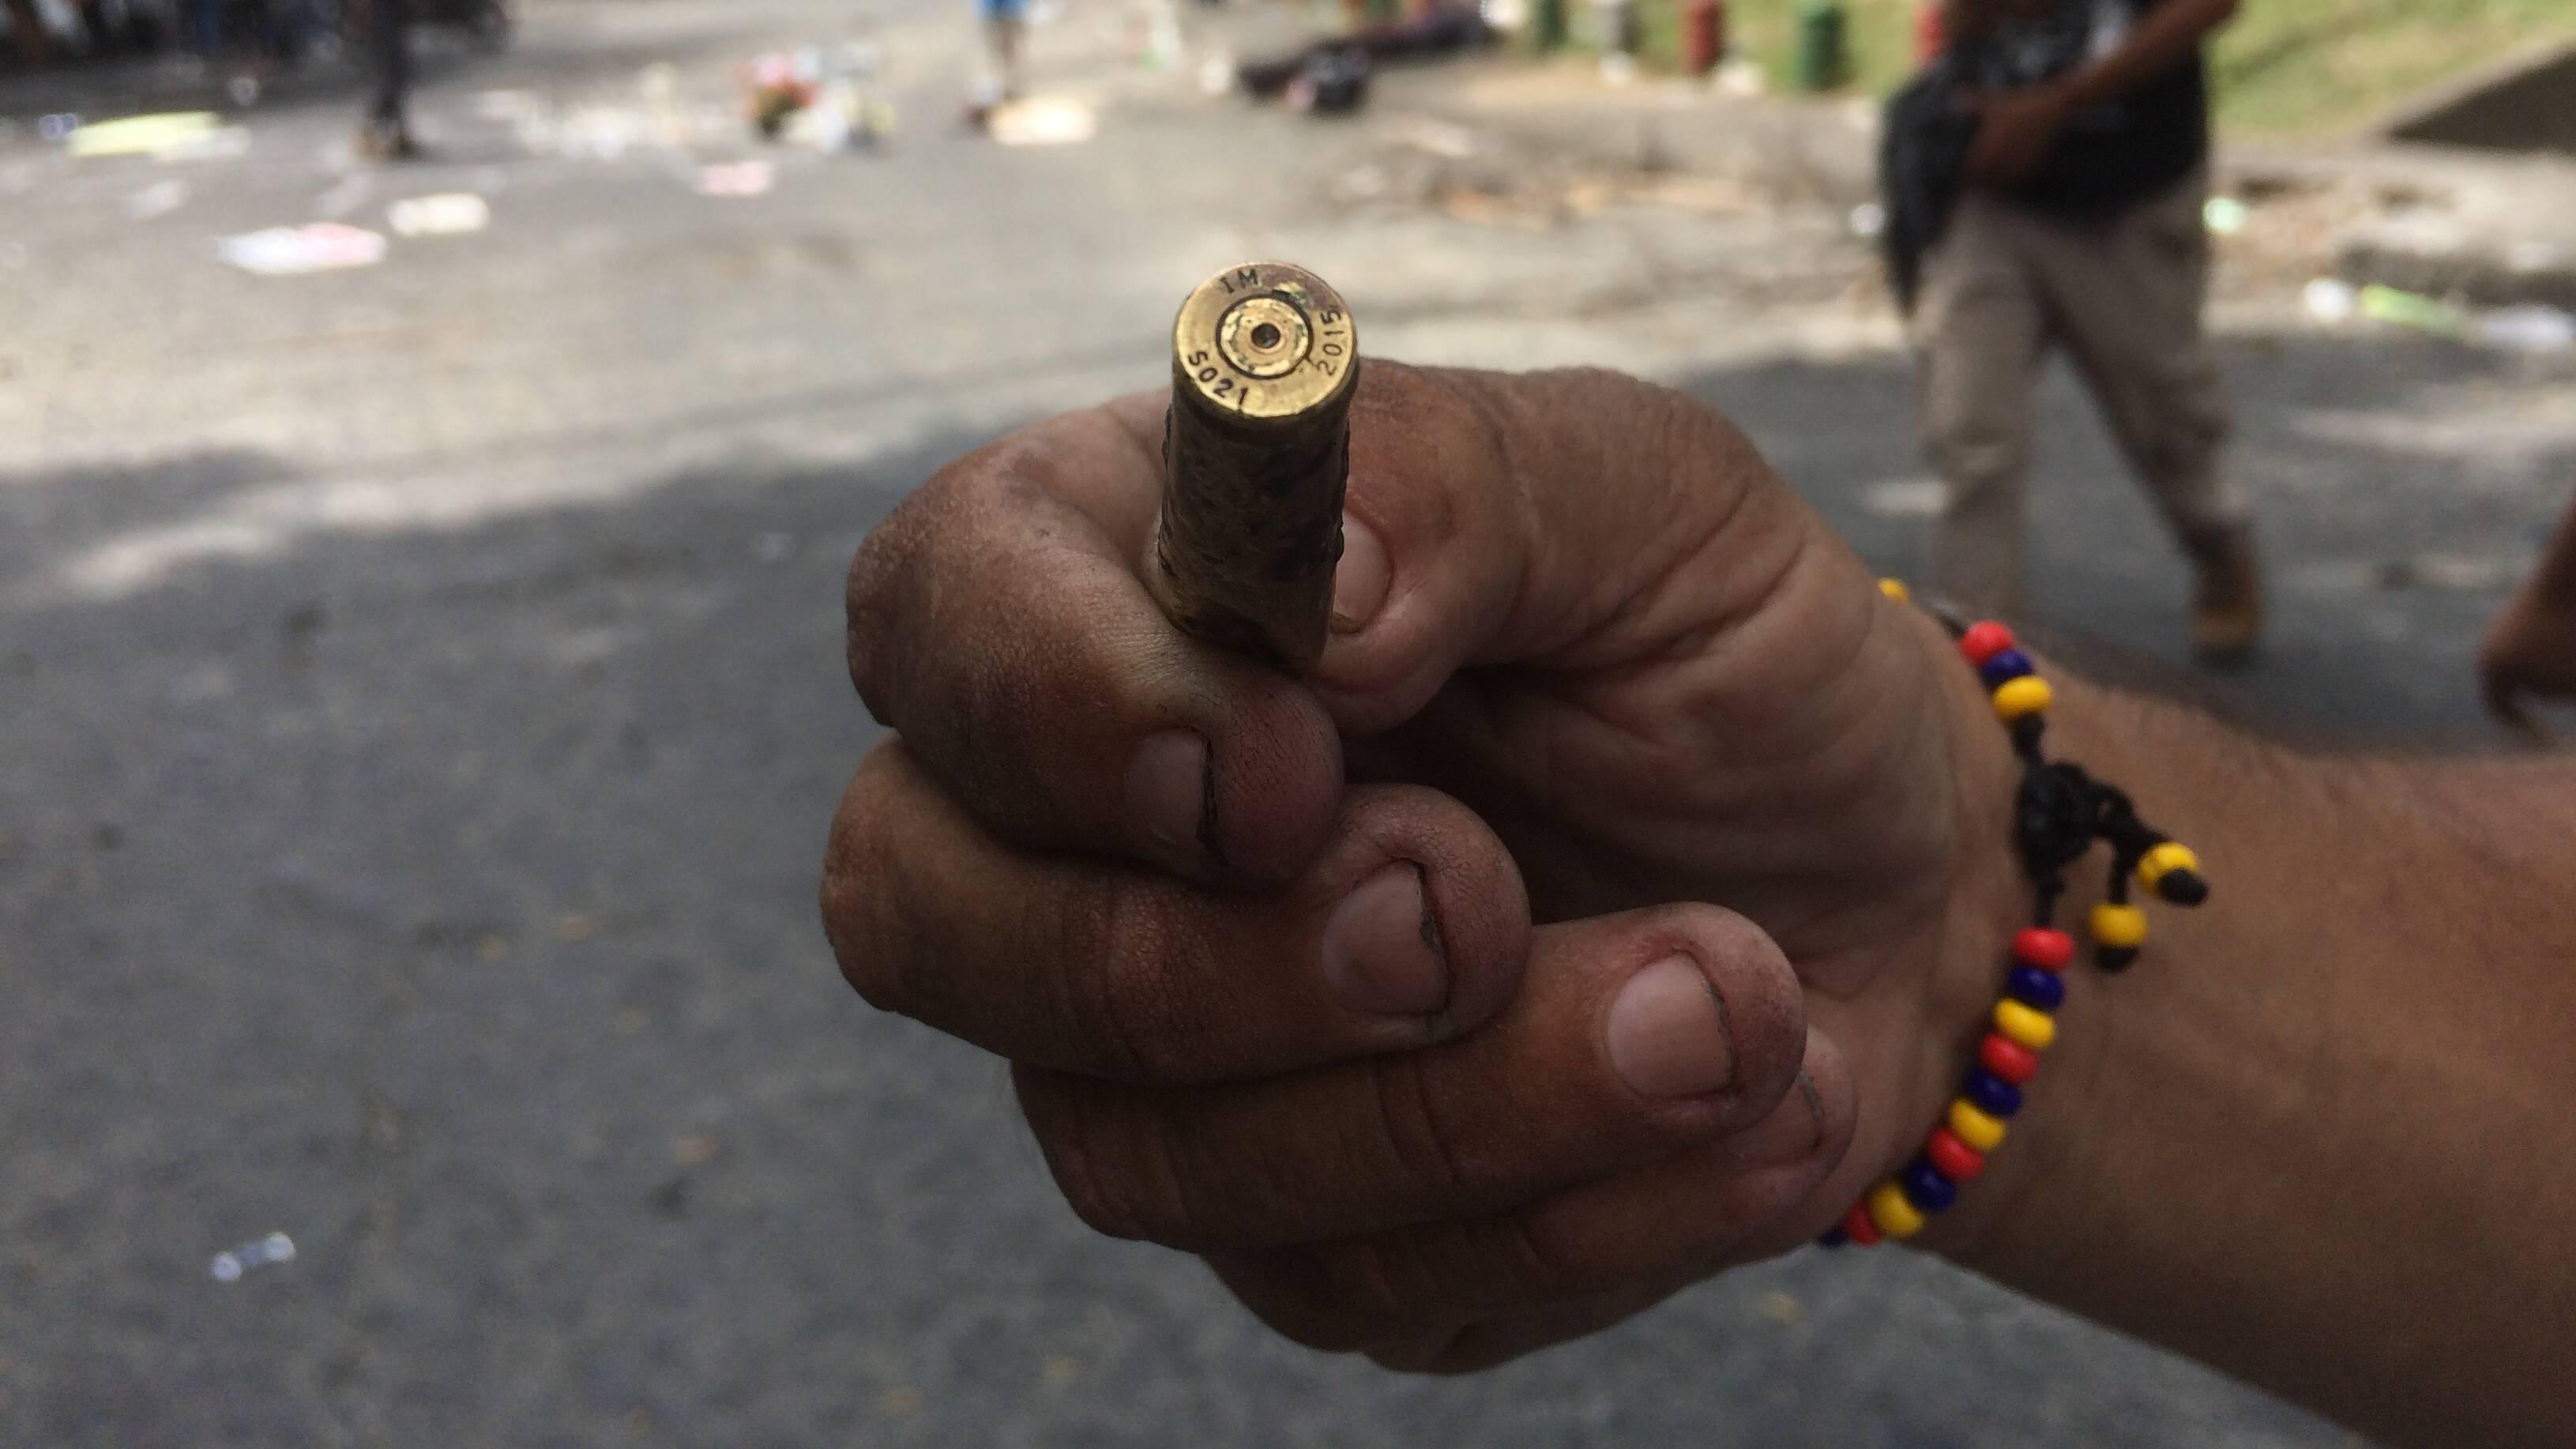 Beweismittel nach dem Polizei- und Militäreinsatz im Stadtviertel Siloé in Cali